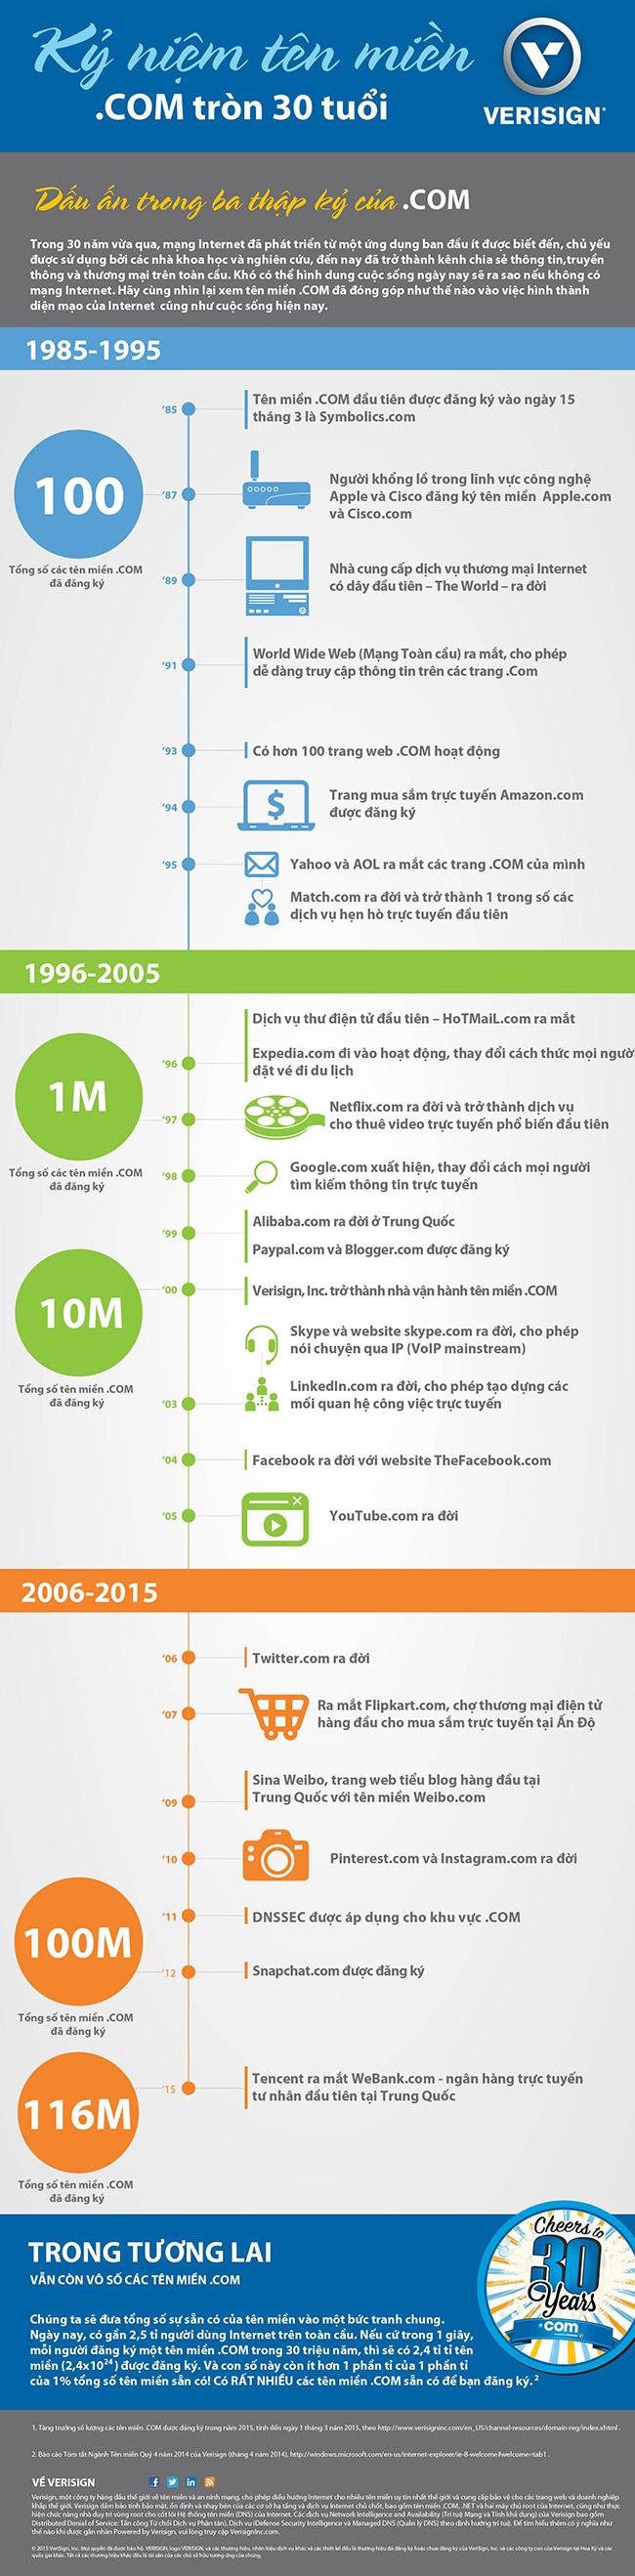 infographic 30 năm tên miền .com